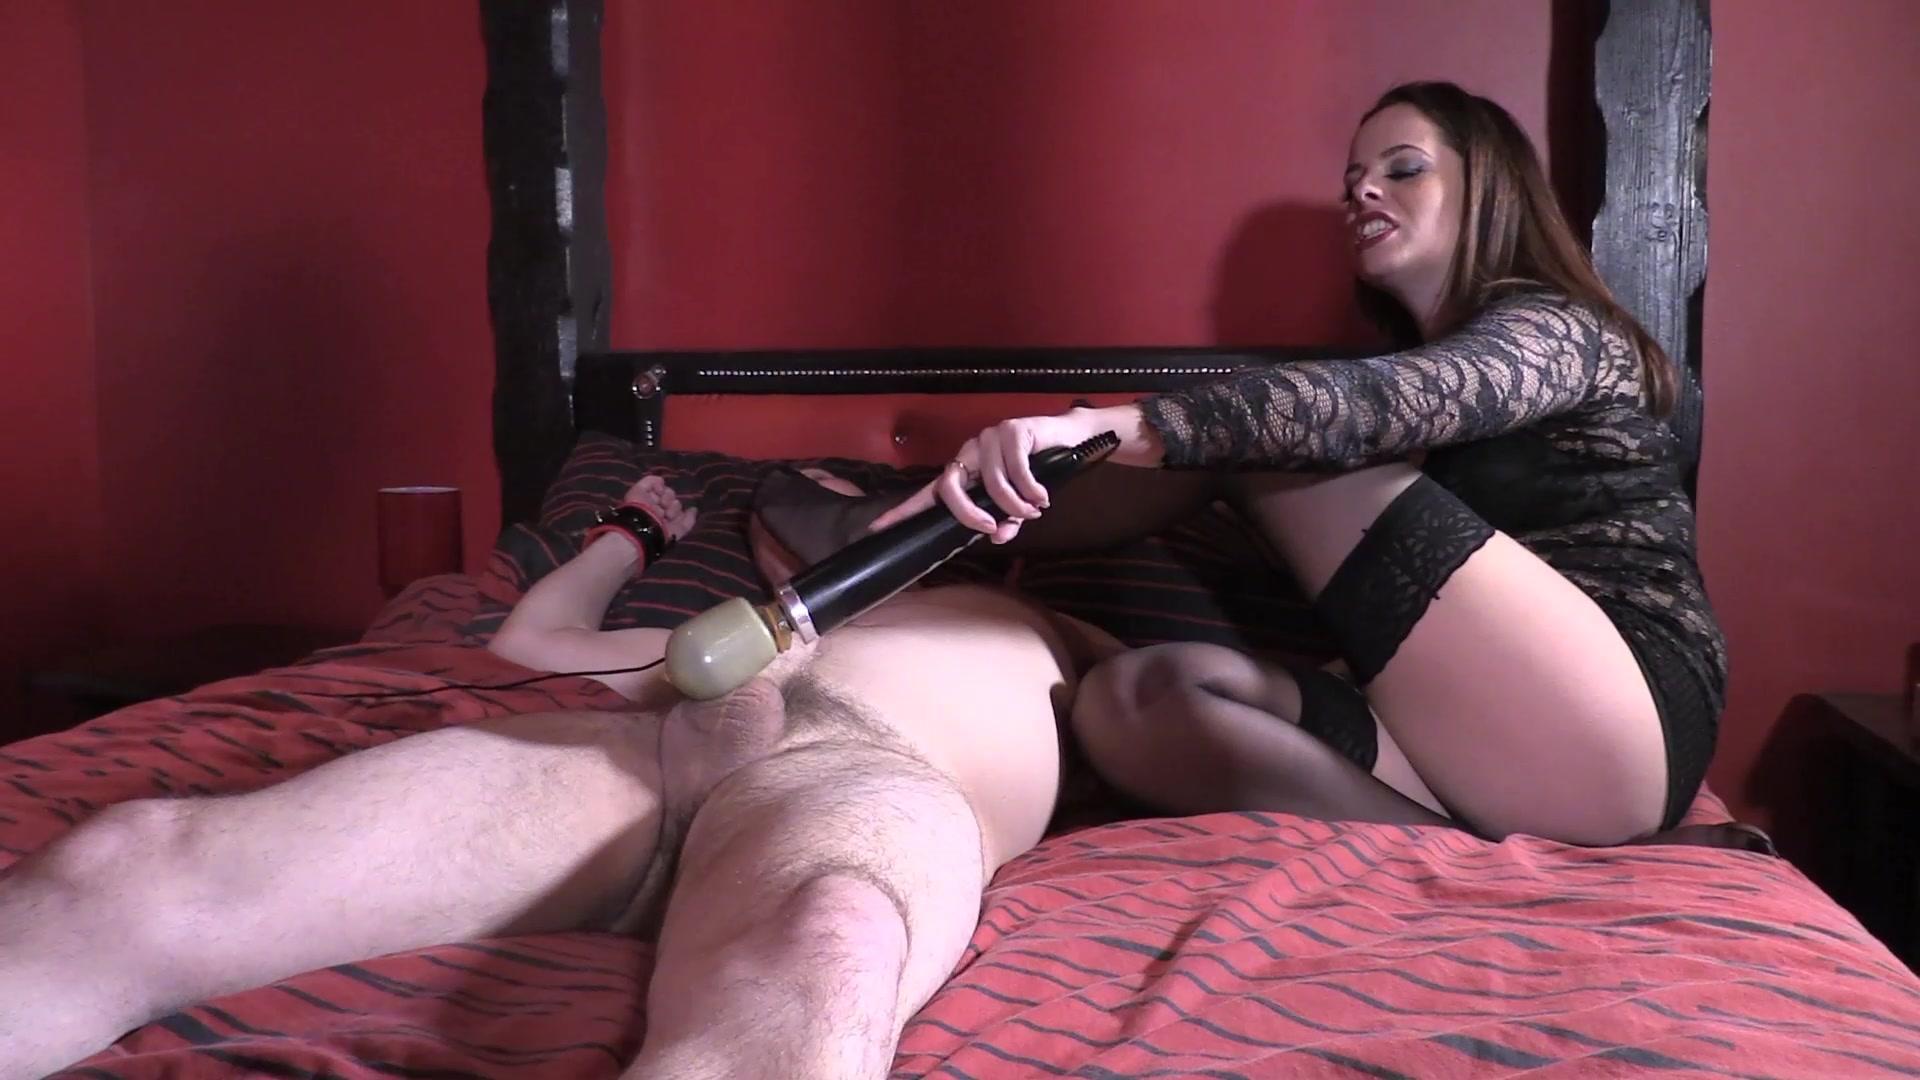 Male masturbation technique videos